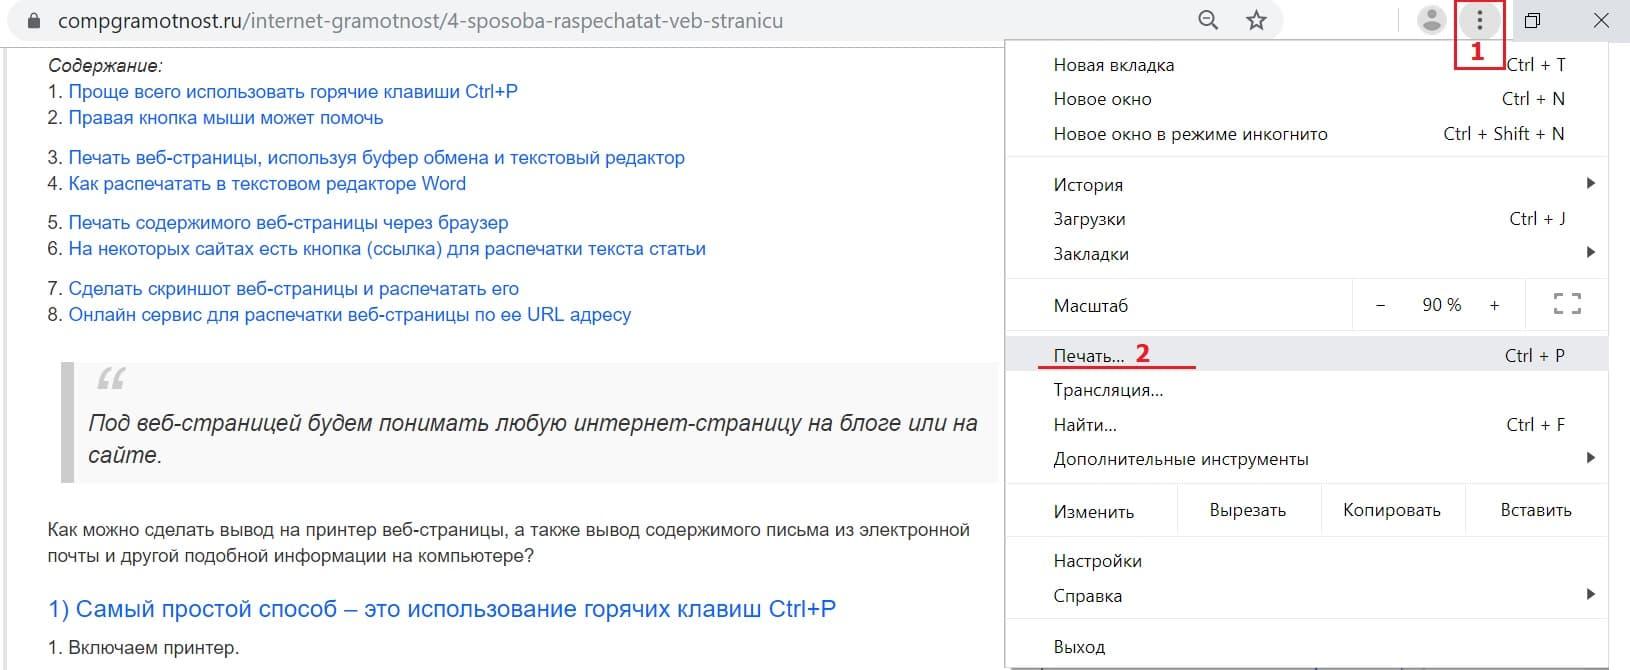 печать веб страницы через браузер